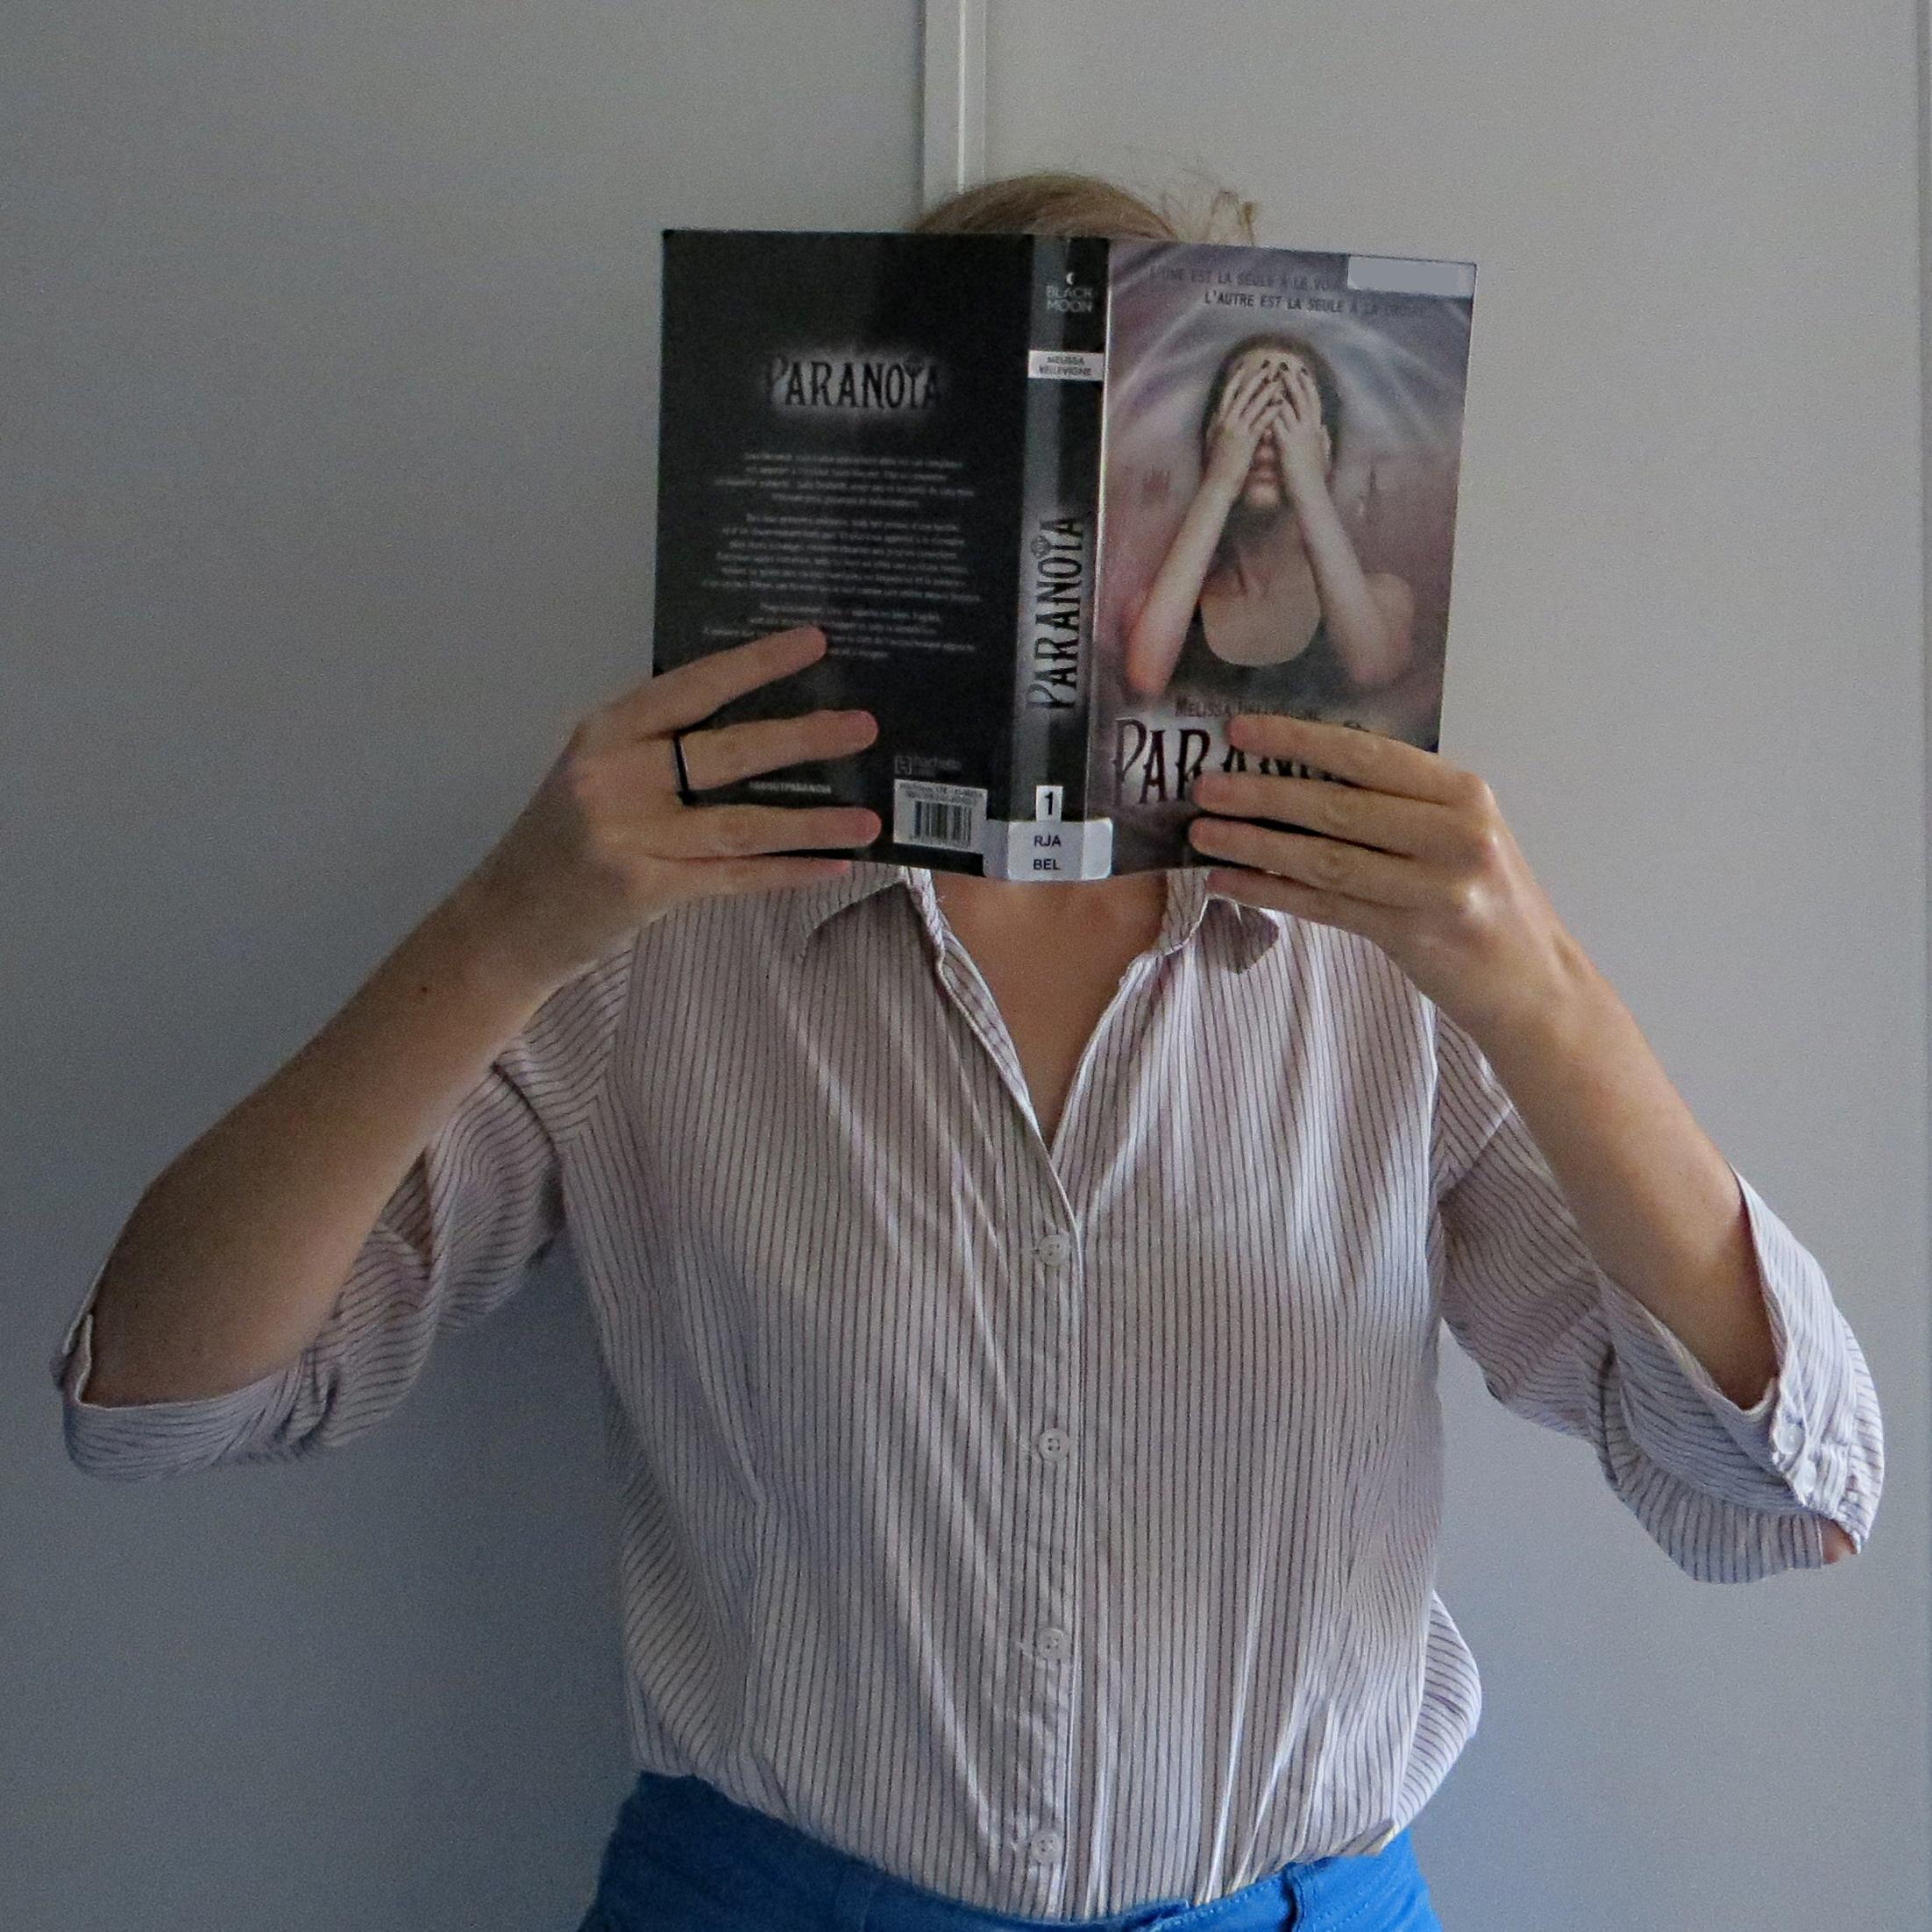 femme en chemise lisant Paranoïa